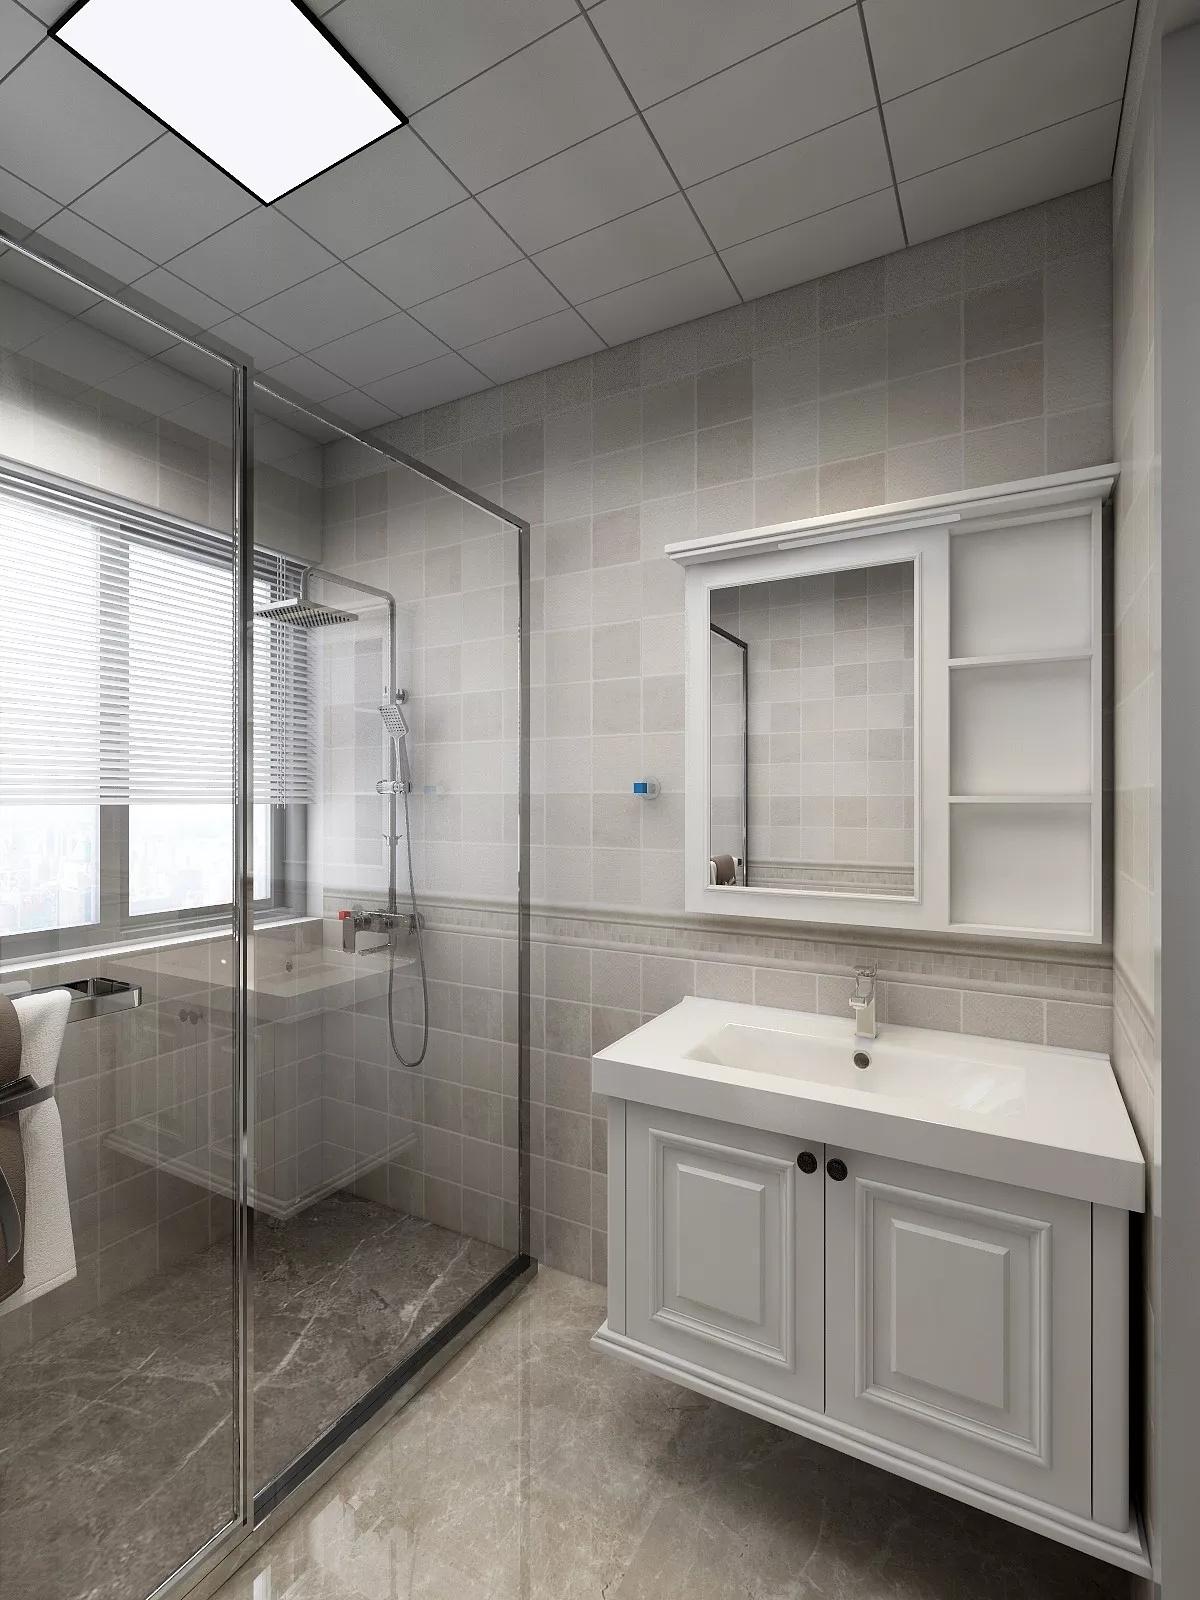 厨房防水怎么做 厨房装修防水设计要点